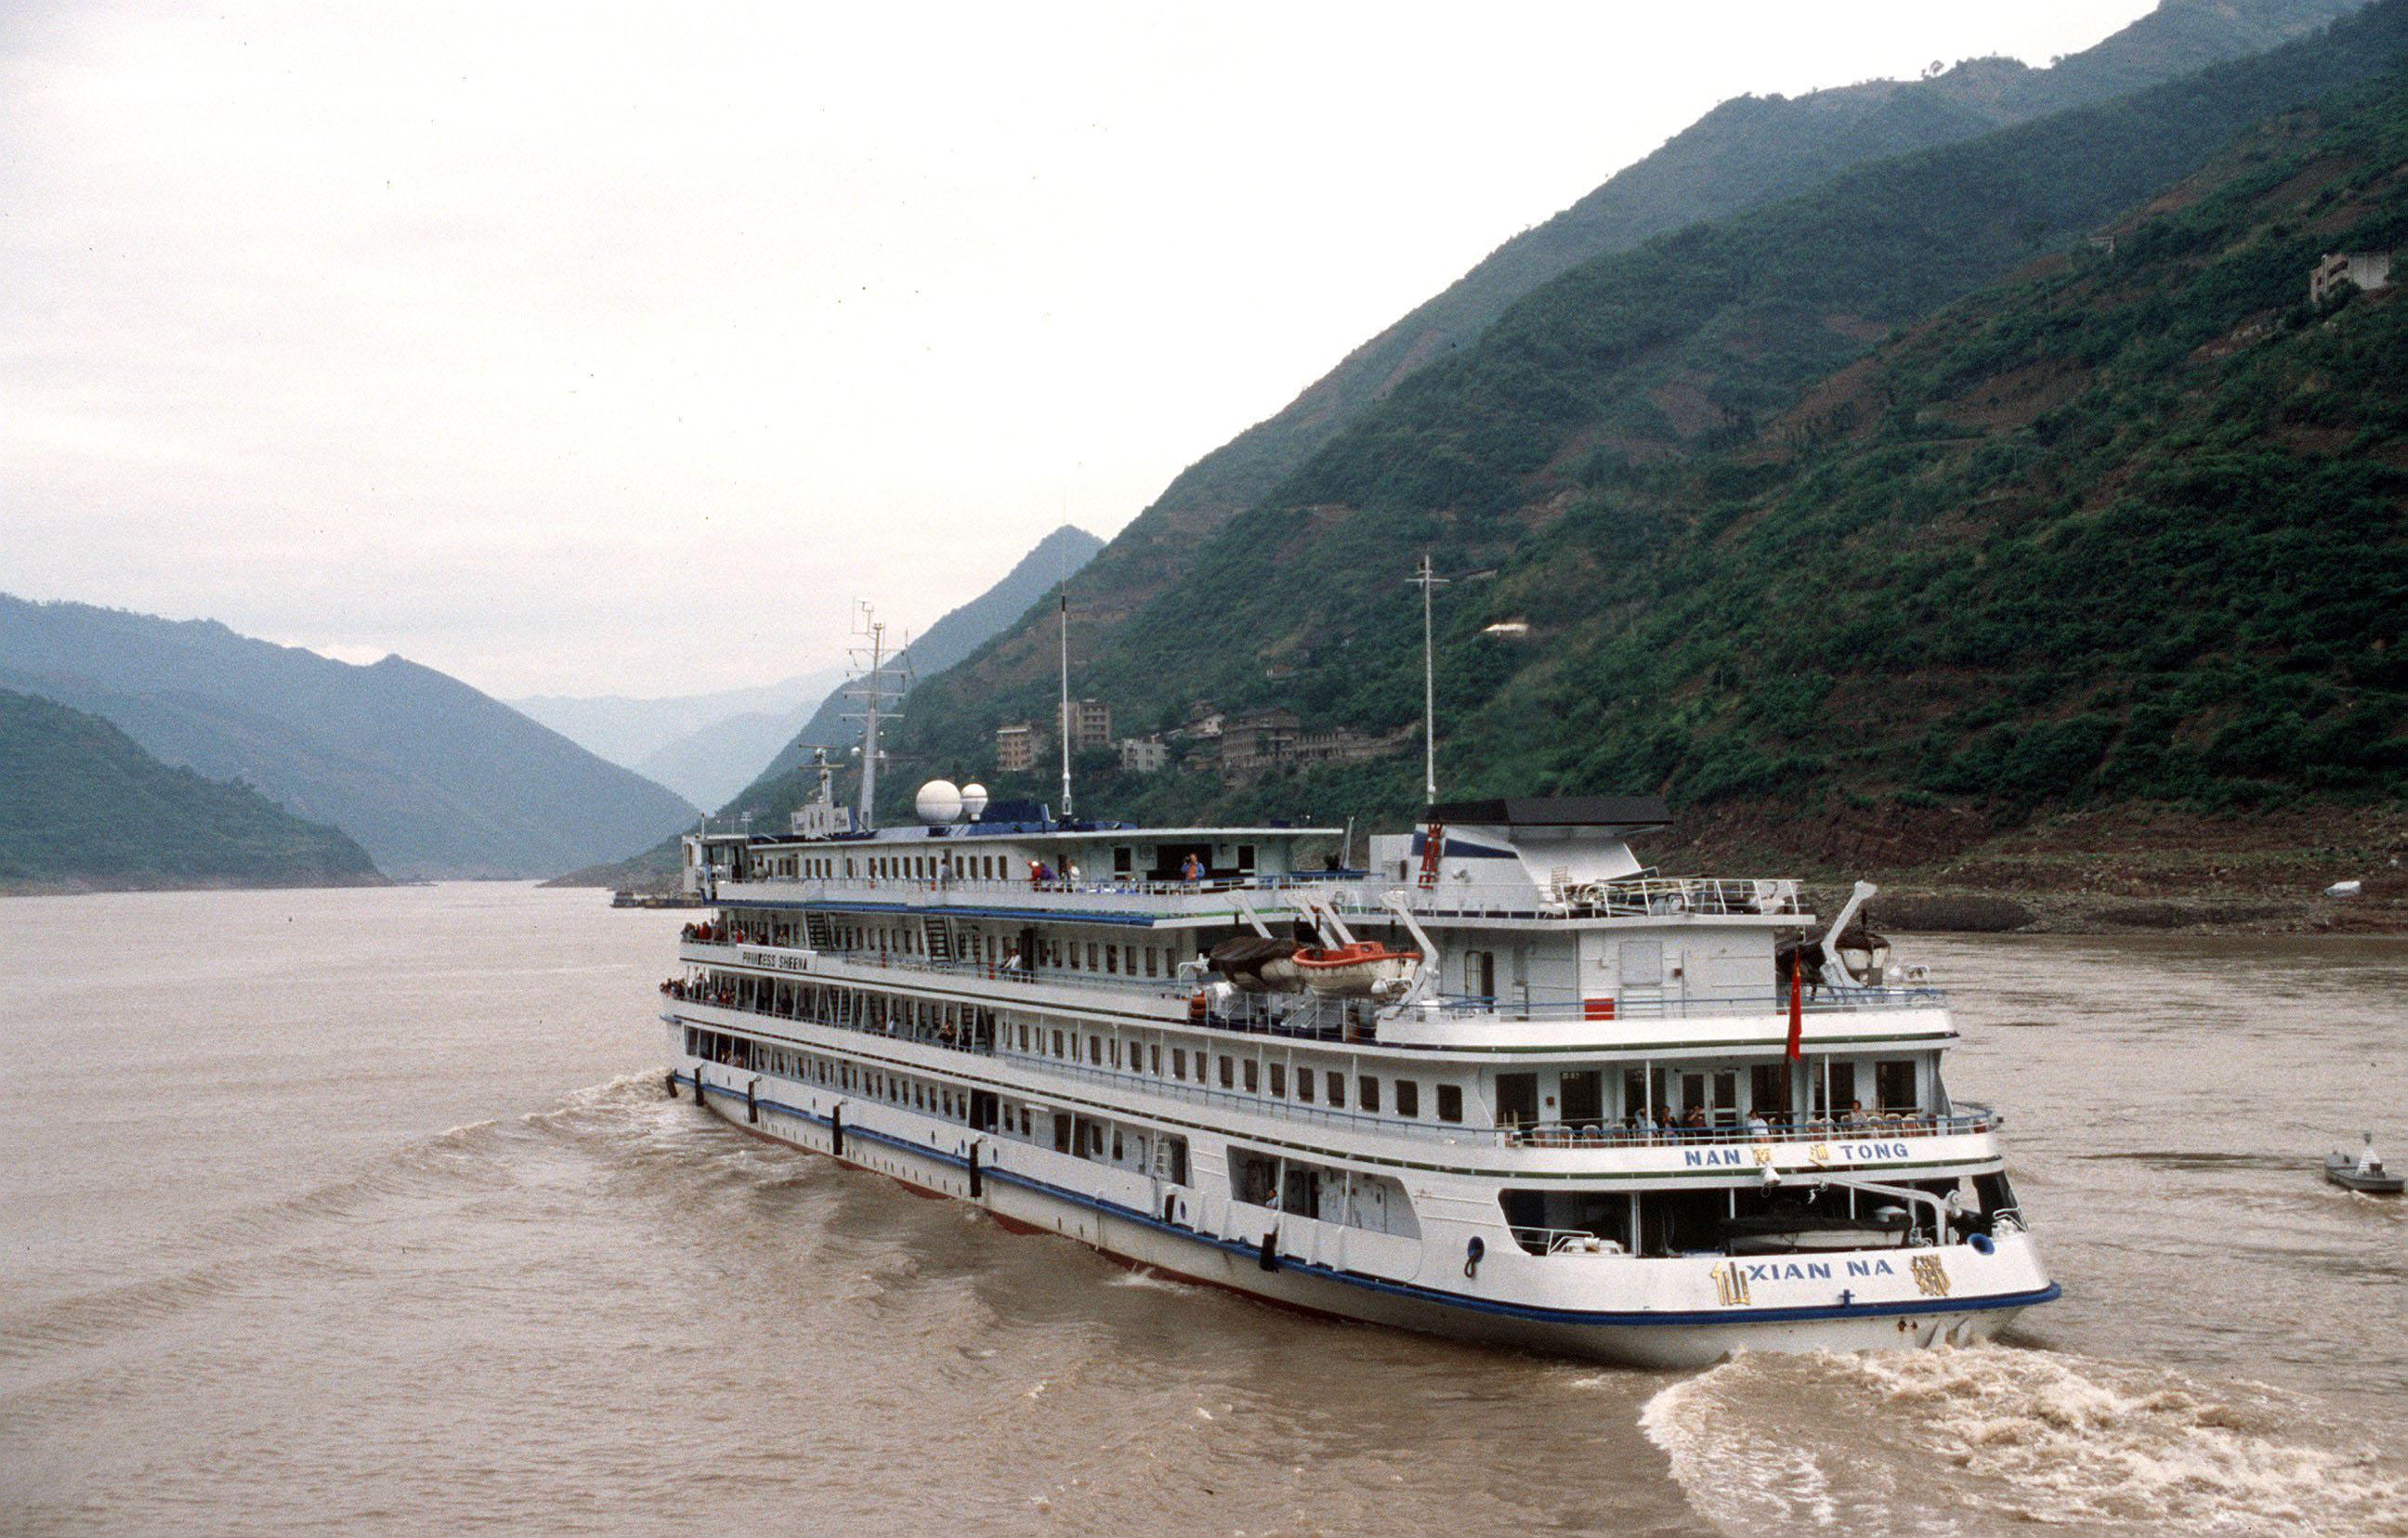 Der Jangtse ist der längste Fluss Chinas. Die dort fahrenden Binnenschiffe benötigen jedes Jahr 3,36 Millionen Tonnen Treibstoff – meist fahren sie mit billigem Schweröl.